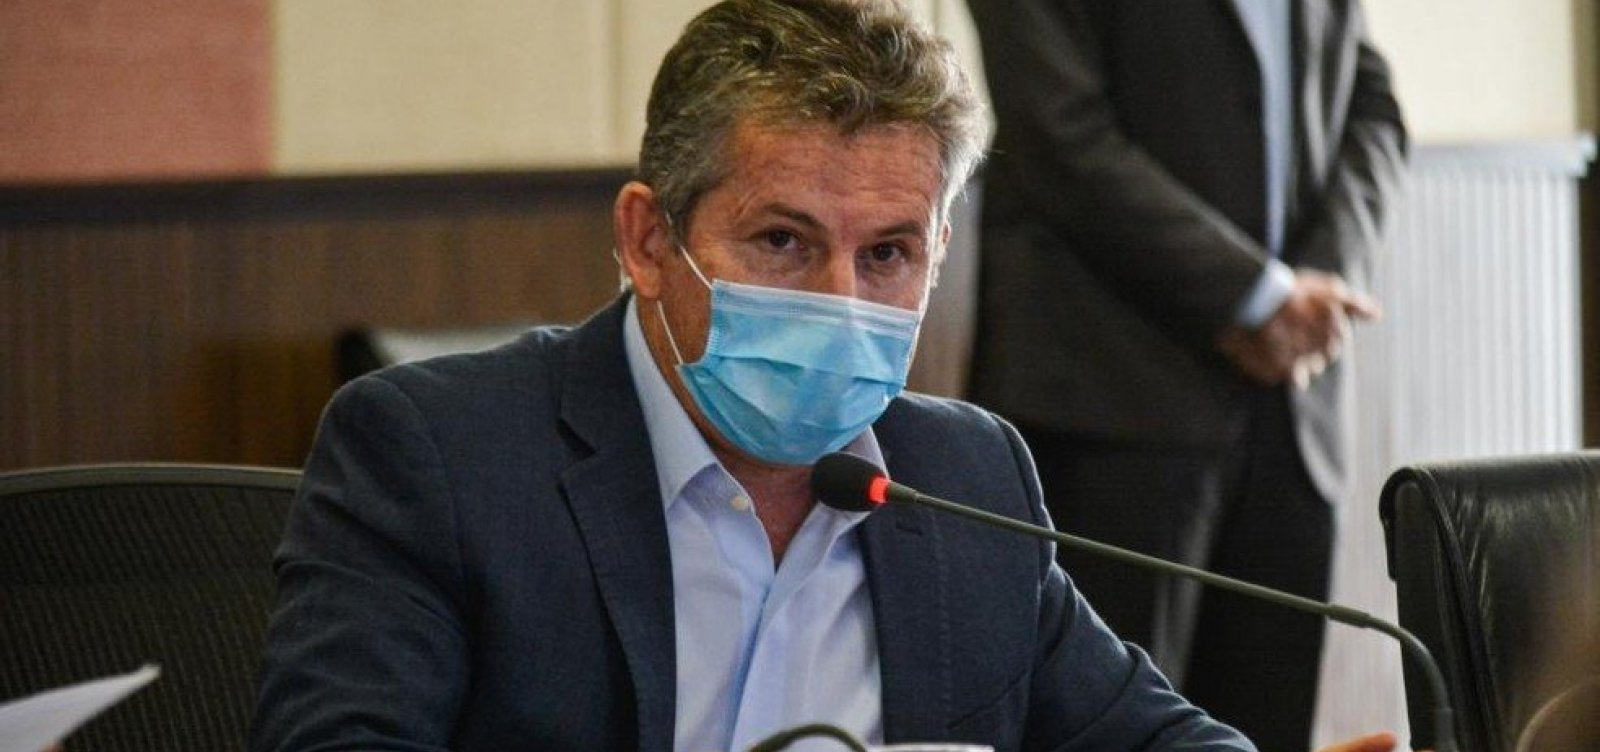 [Governador do Mato Grosso é internado em SP com pneumonia]